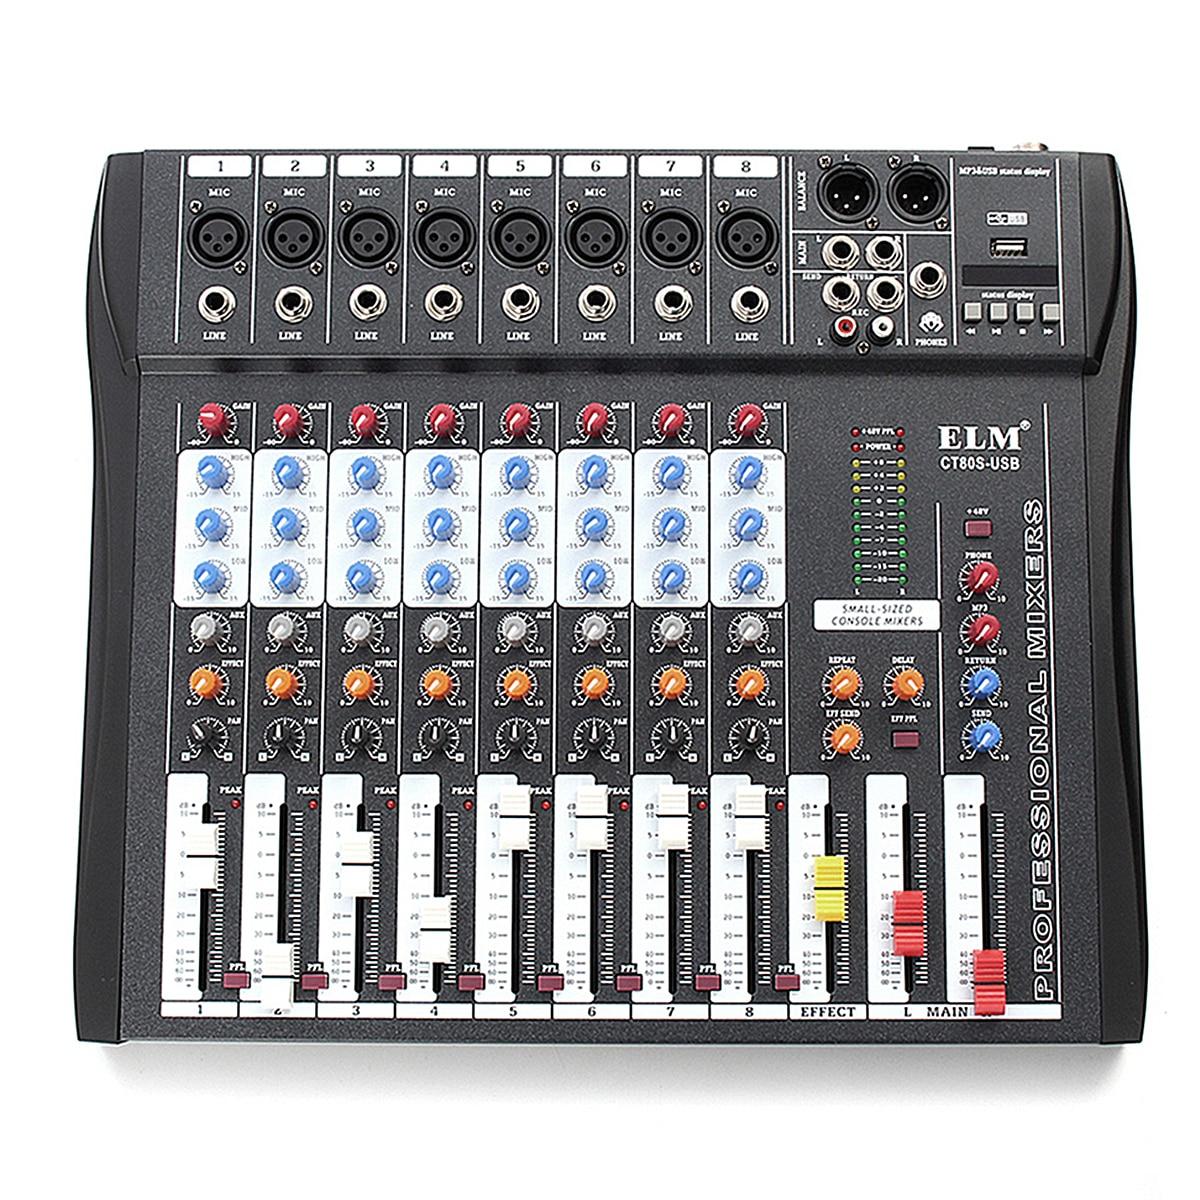 Professionnel Karaoké 8 Canal DJ Console mixer Du Son Audio USB avec Bluetooth Dossier Fantôme Avec 48 v Alimentation Fantôme Jack